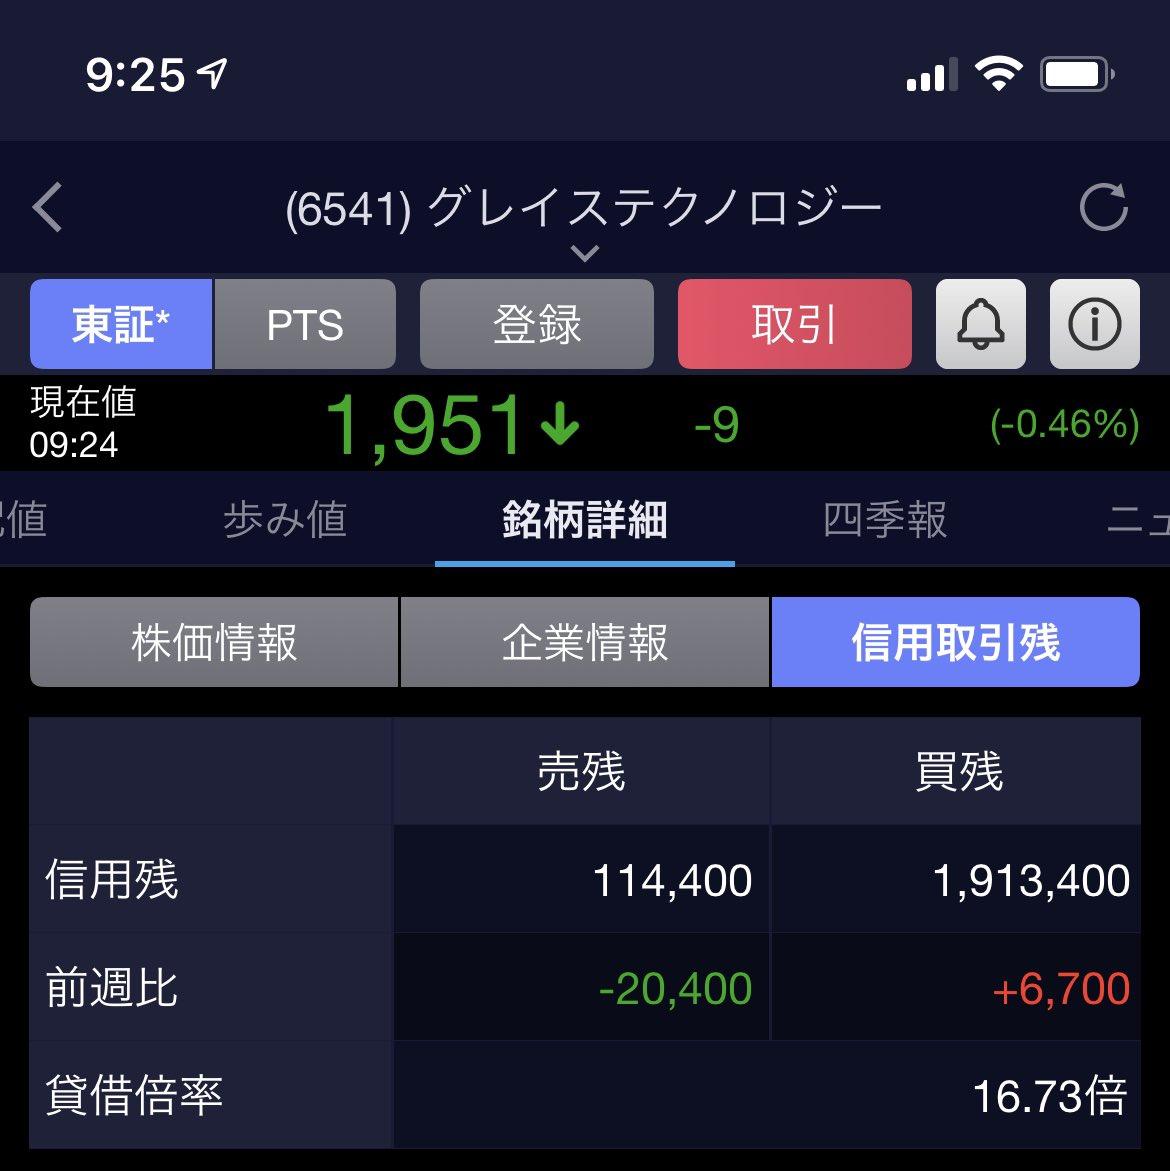 Pts 富士 フィルム 「アビガン見送り」で急落も 富士フイルムHDの株価「乱高下」の背景: